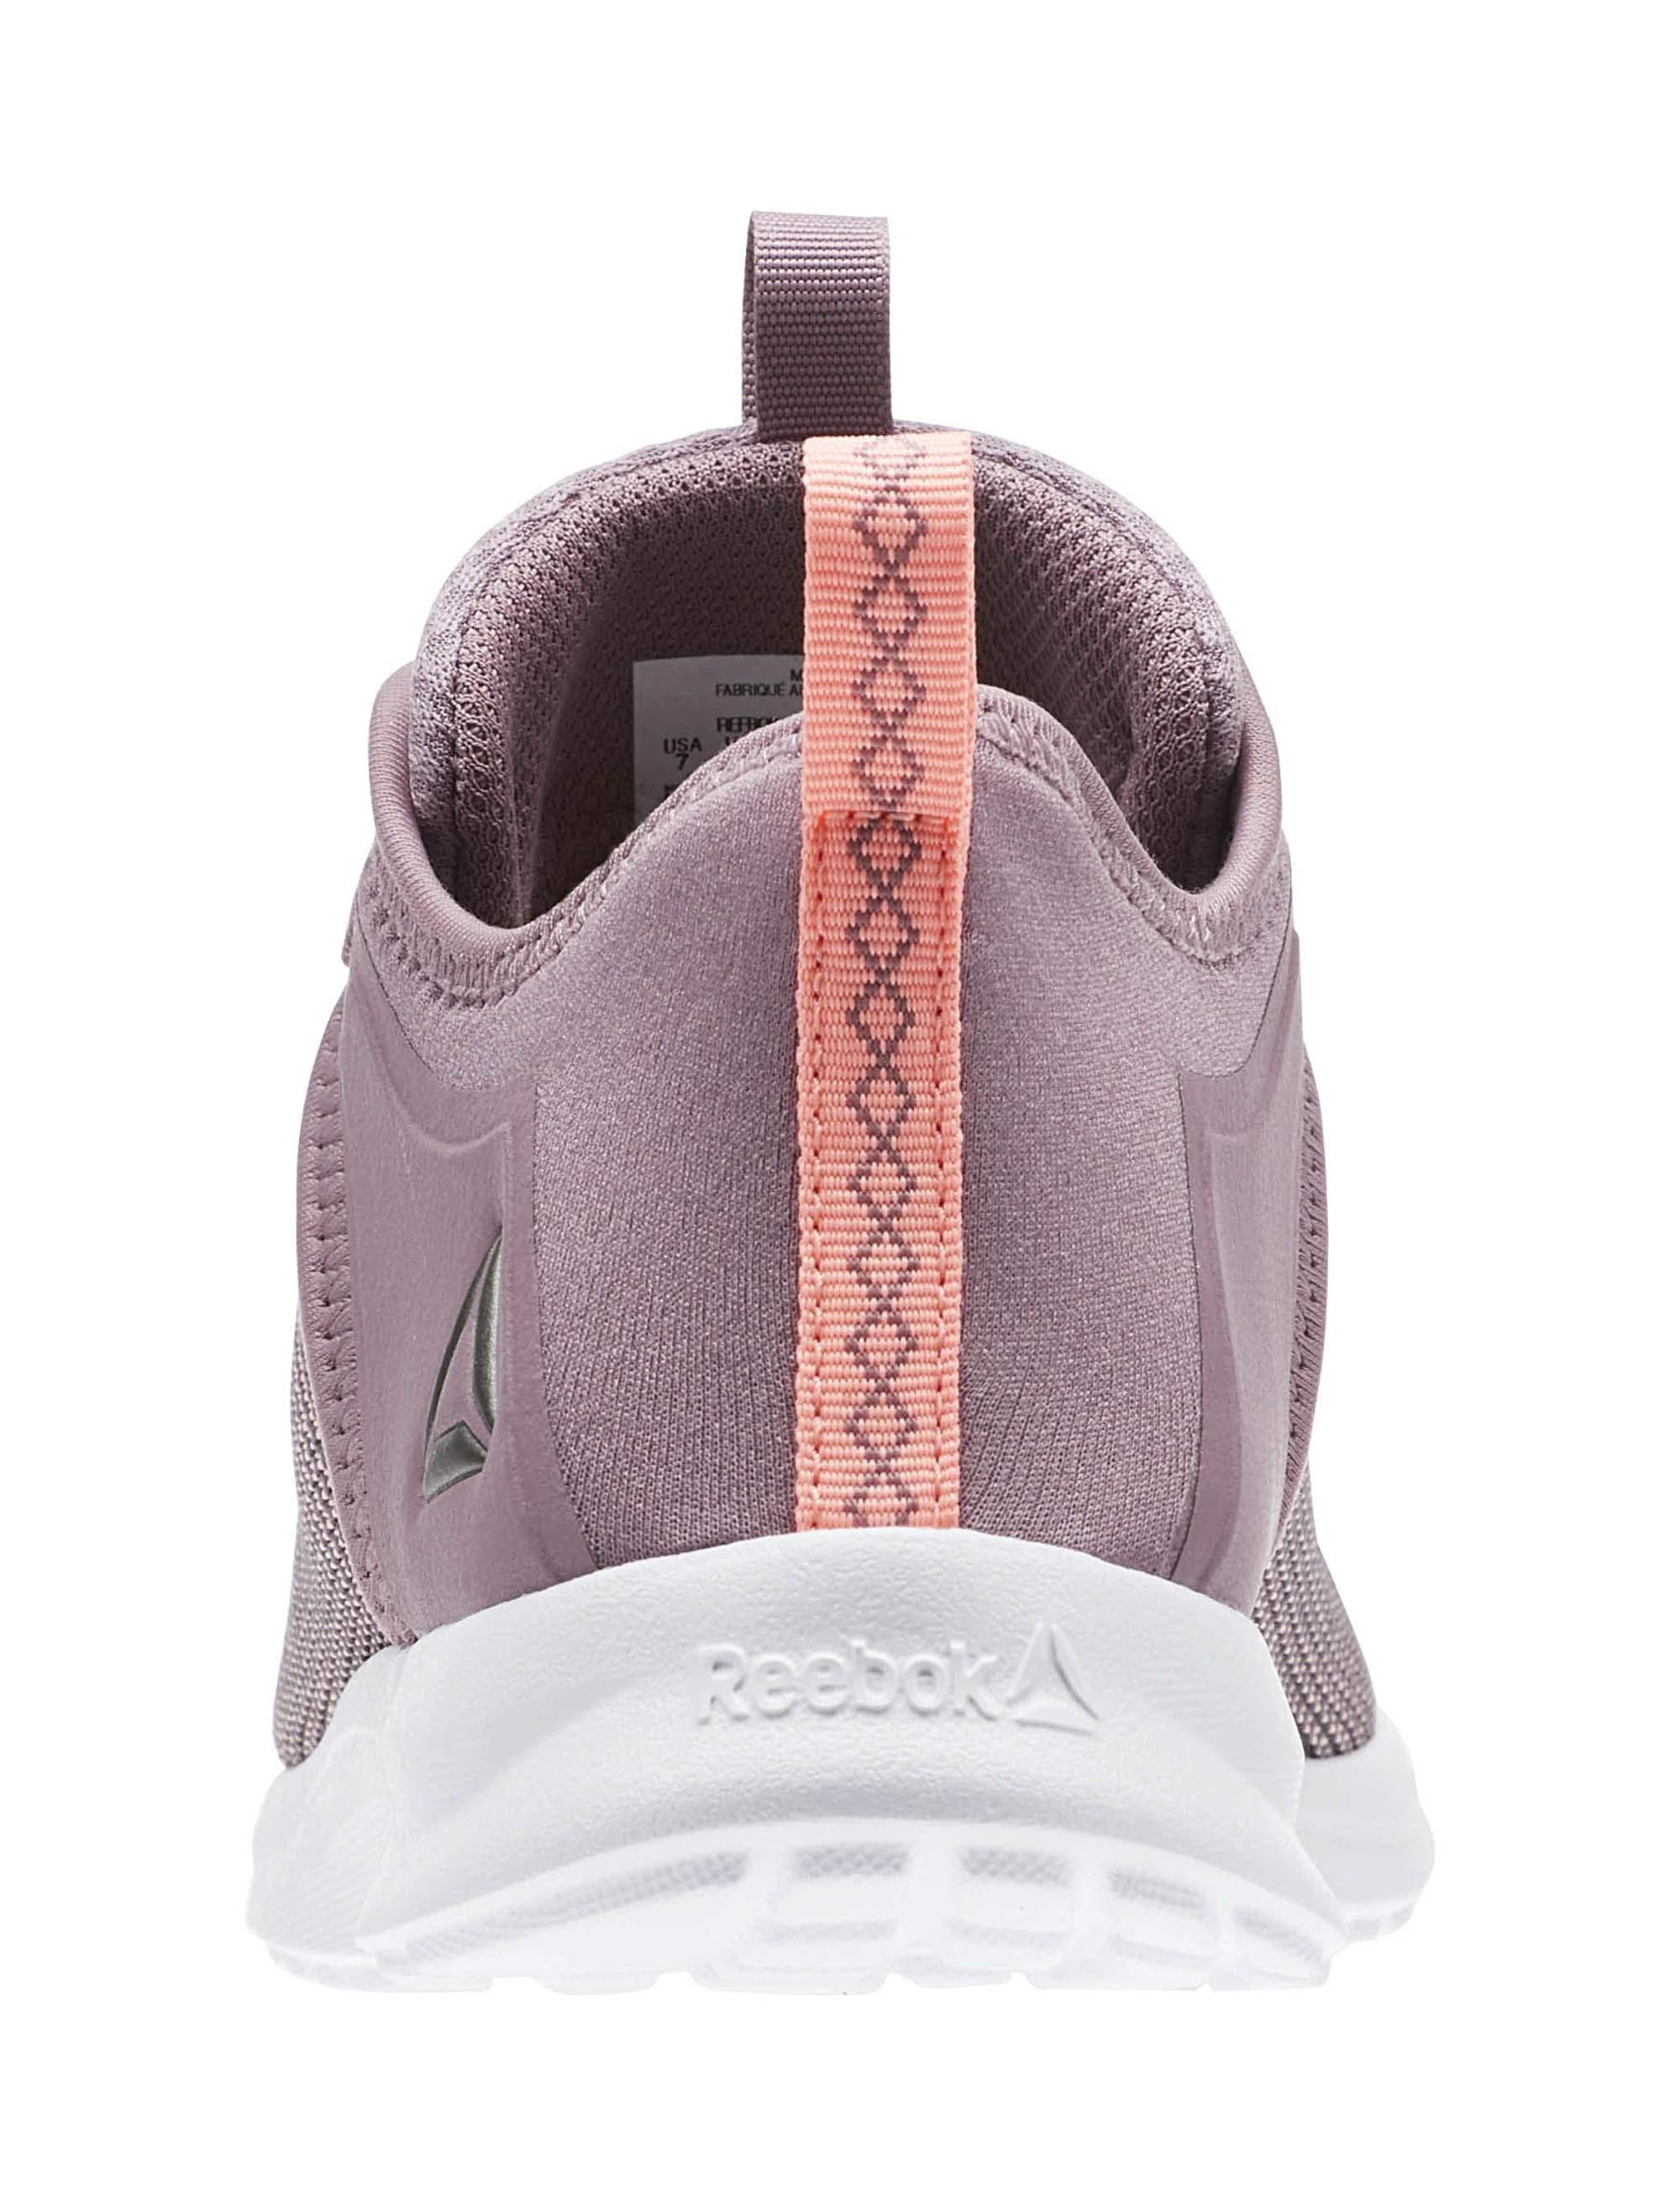 کفش پیاده روی بندی زنانه Reebok Solestead - ریباک - صورتي - 6